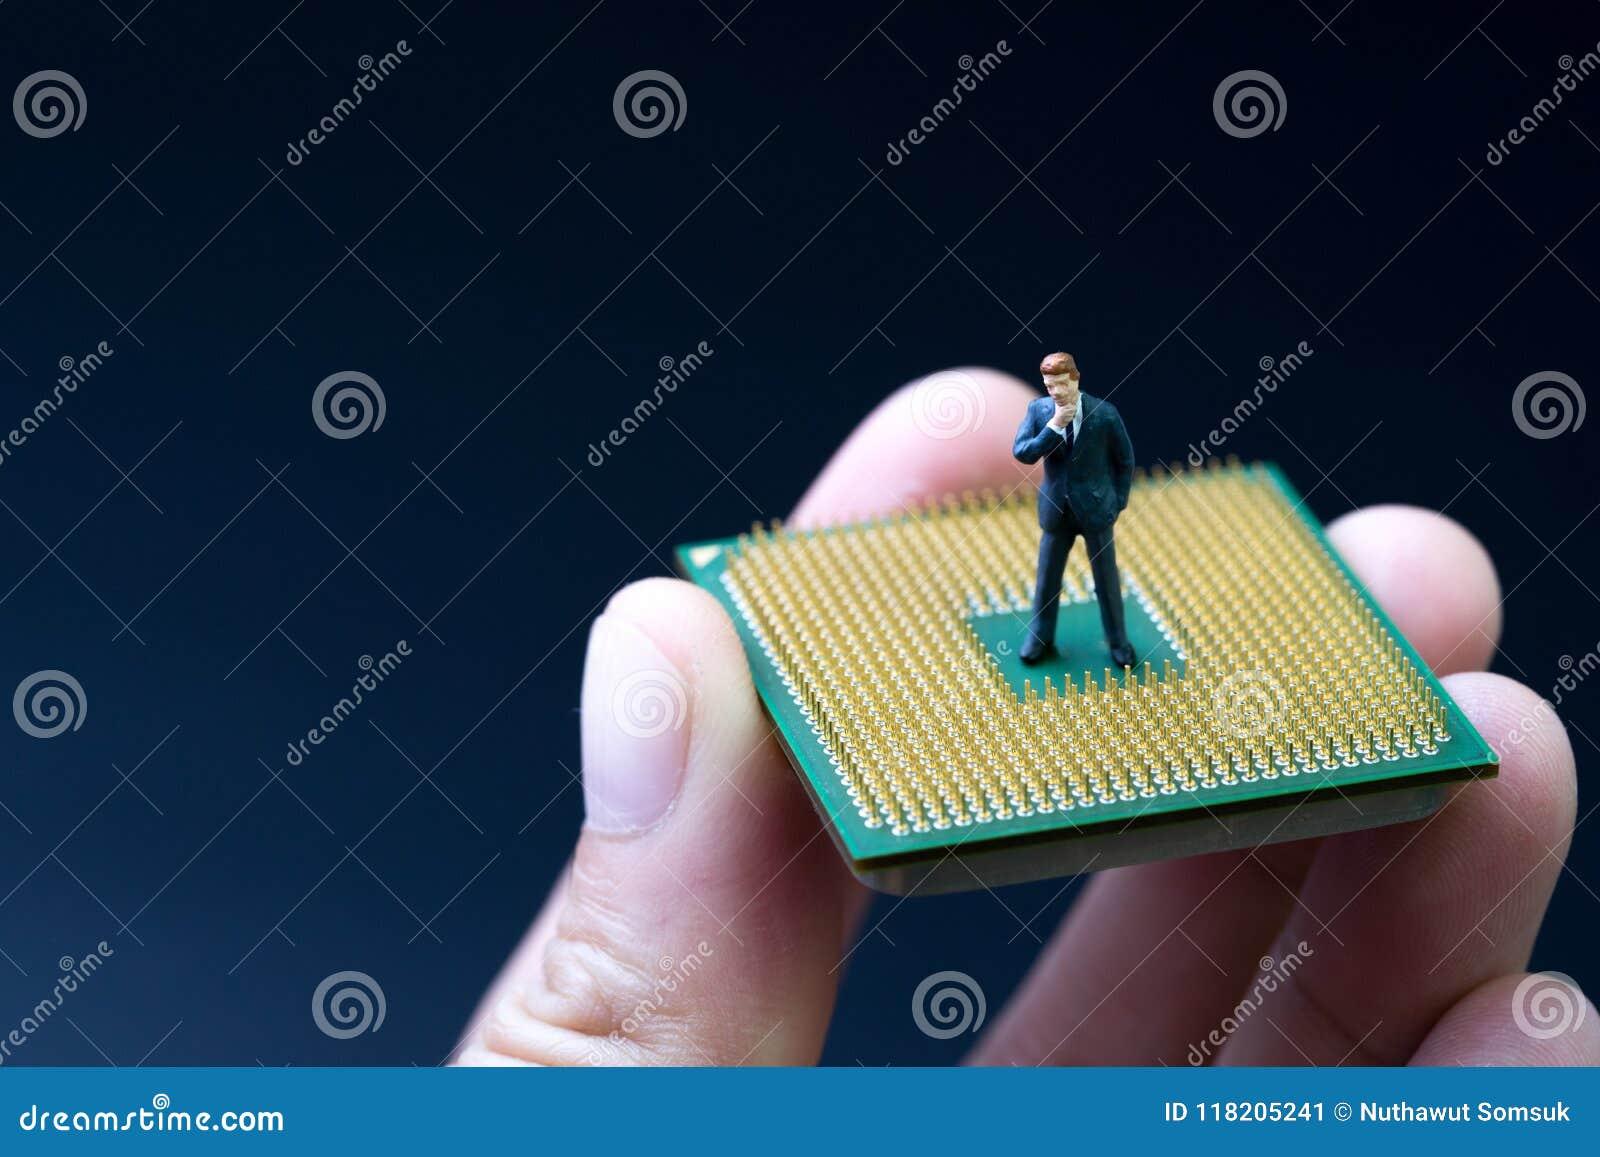 AI, künstliche Intelligenz, Maschinenlernkonzept, Miniatur